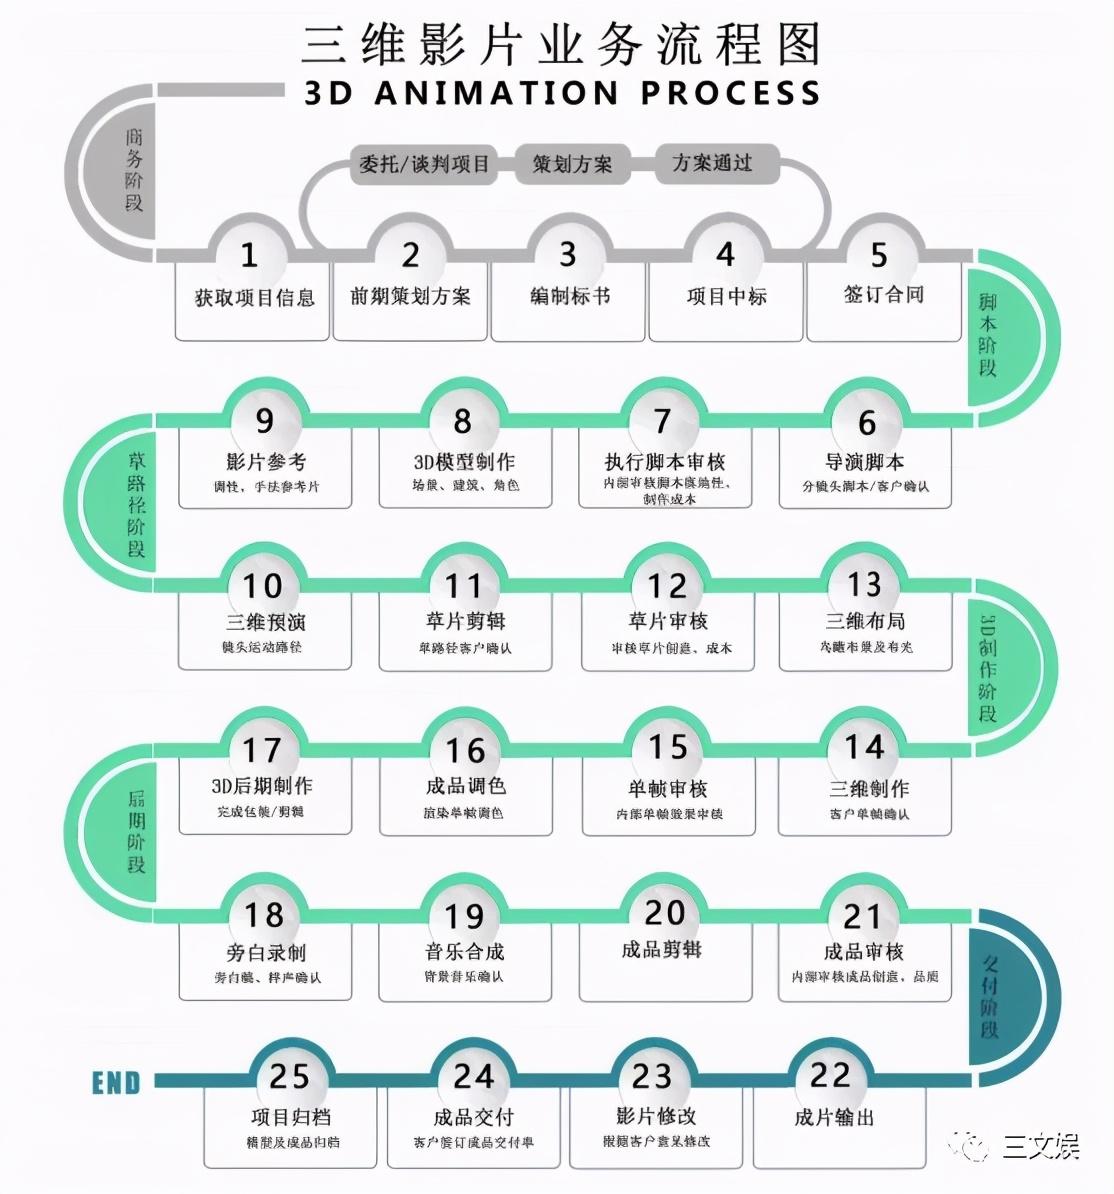 用动画做展览展示,年收入5.5亿元的凡拓要创业板上市